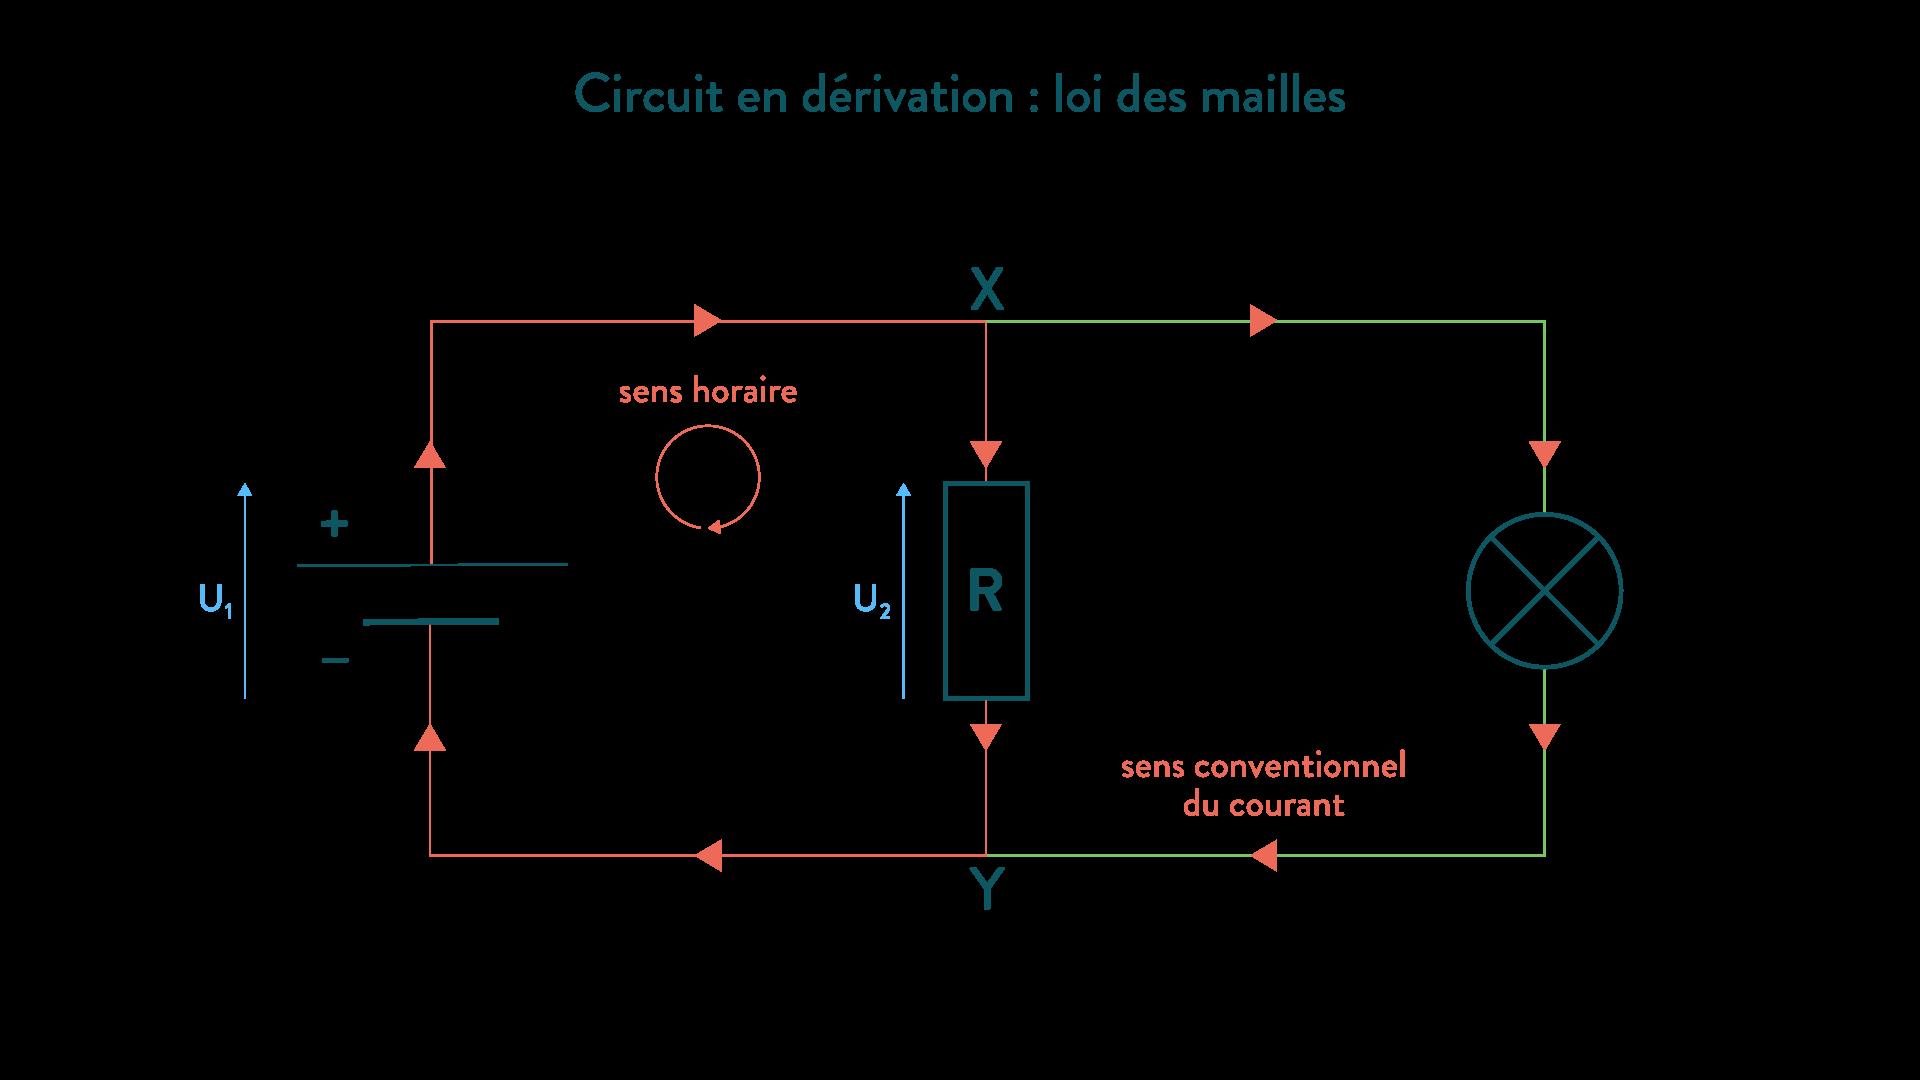 loi des mailles, circuit en dérivation